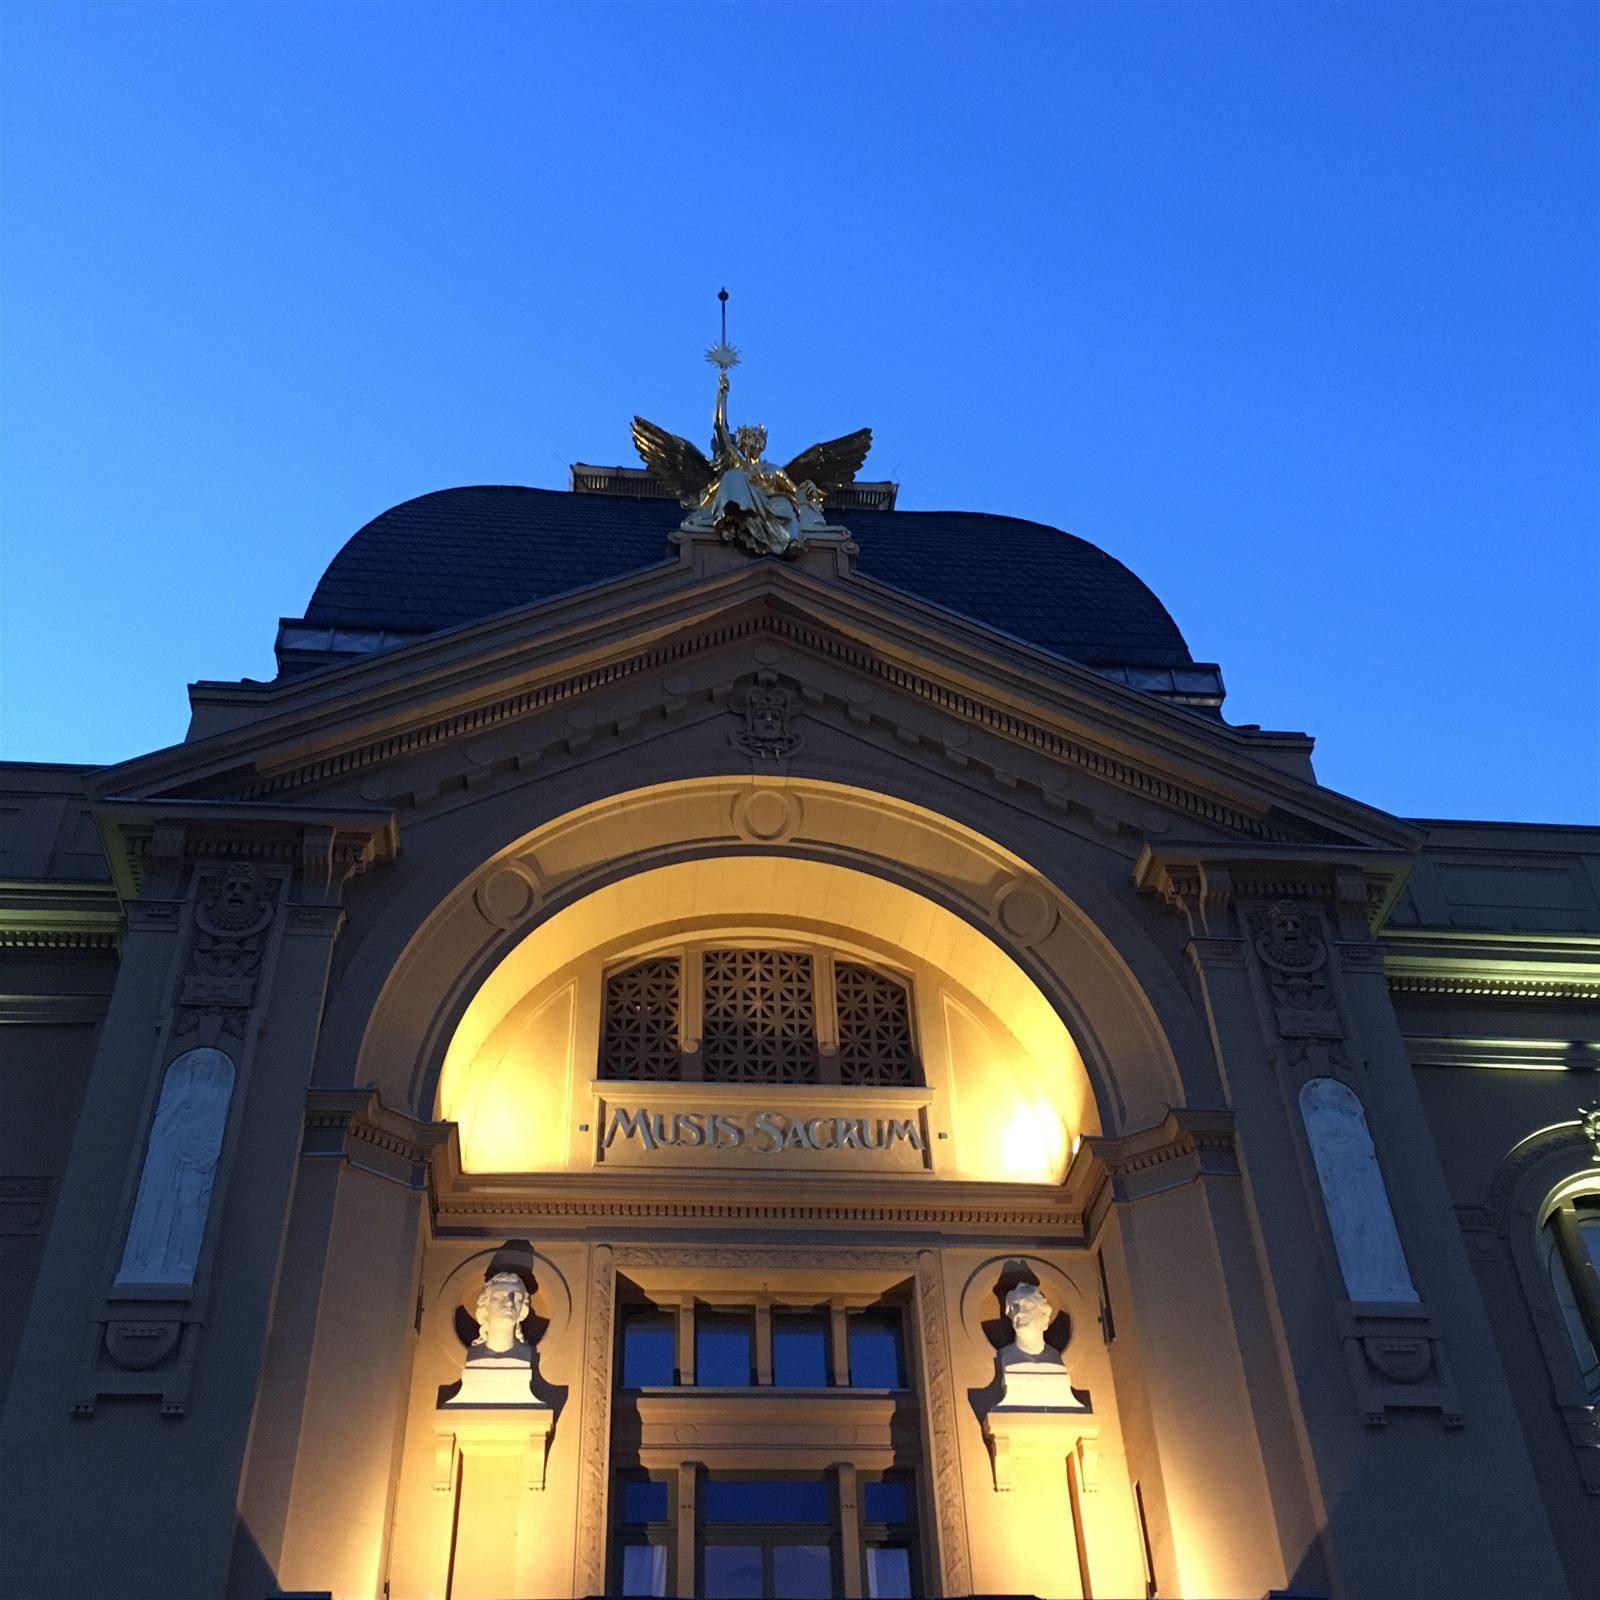 Thüringen - Gera Untermhaus - Ausflug / Spaziergang - Theater